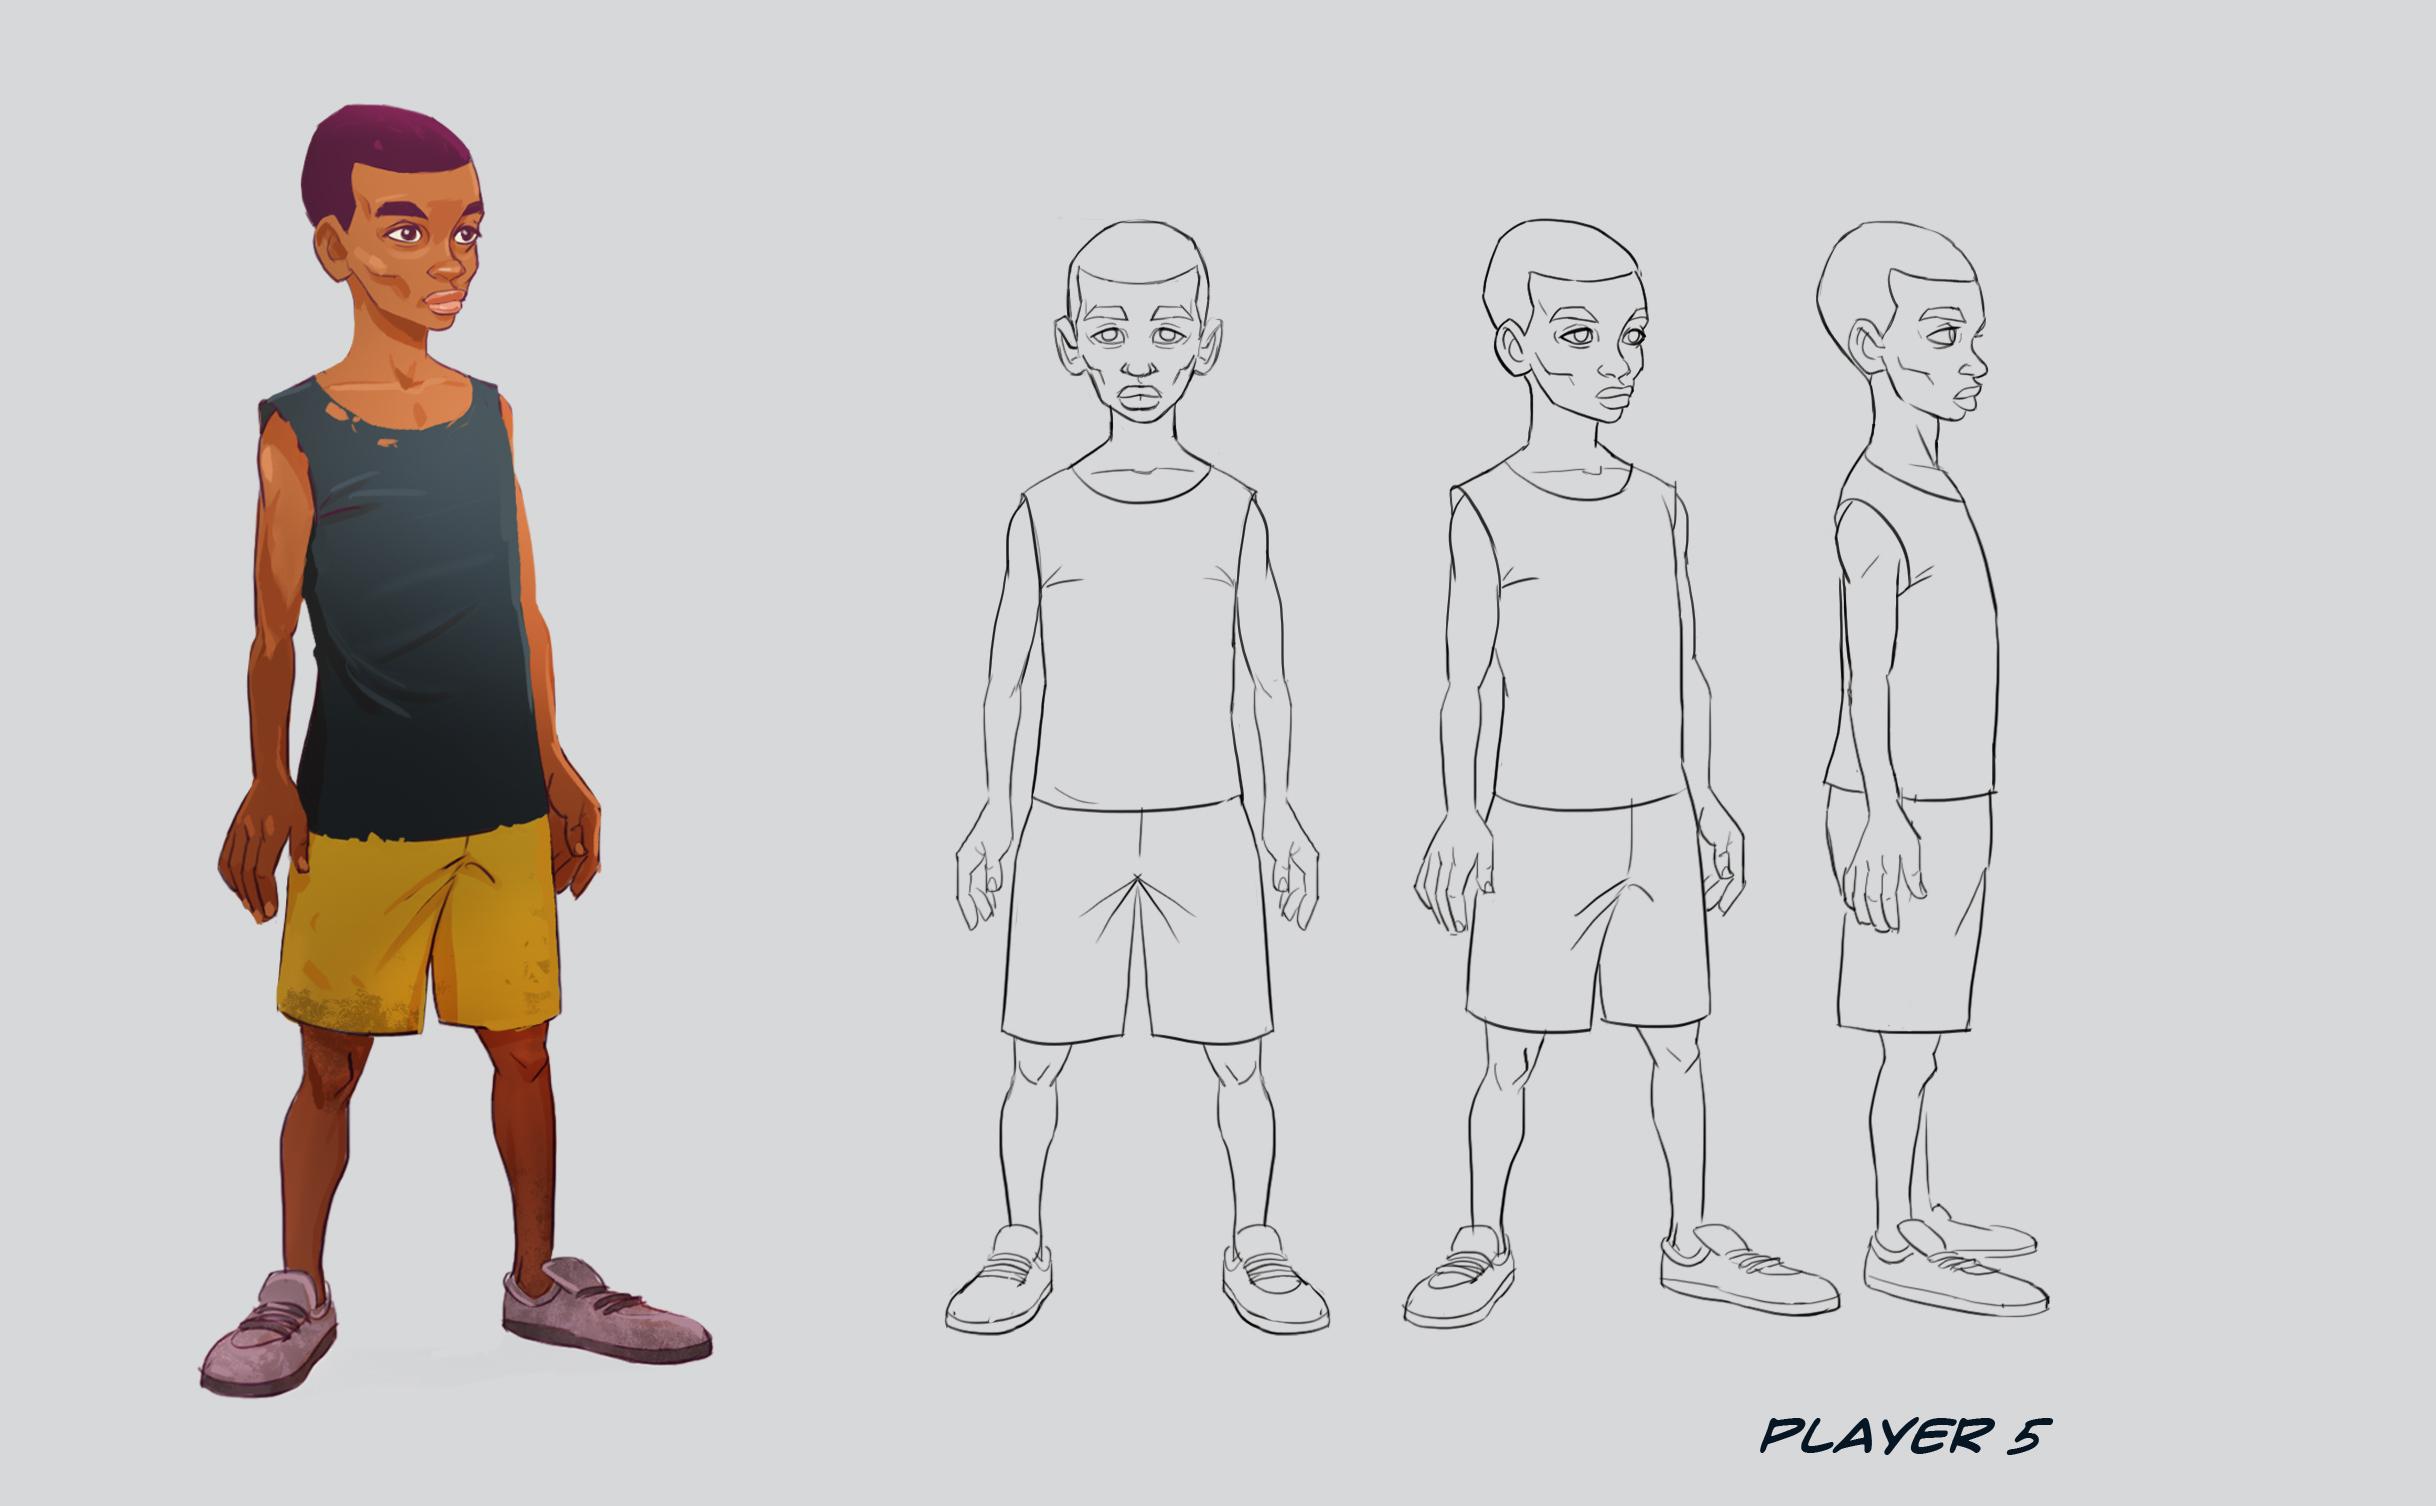 opal production, studioul care a produs mercy street, pregateste 2 scurtmetraje de animatie despre fotbal (video) Opal Production, studioul care a produs Mercy Street, pregateste 2 scurtmetraje de animatie despre fotbal (VIDEO) Pustiul 3